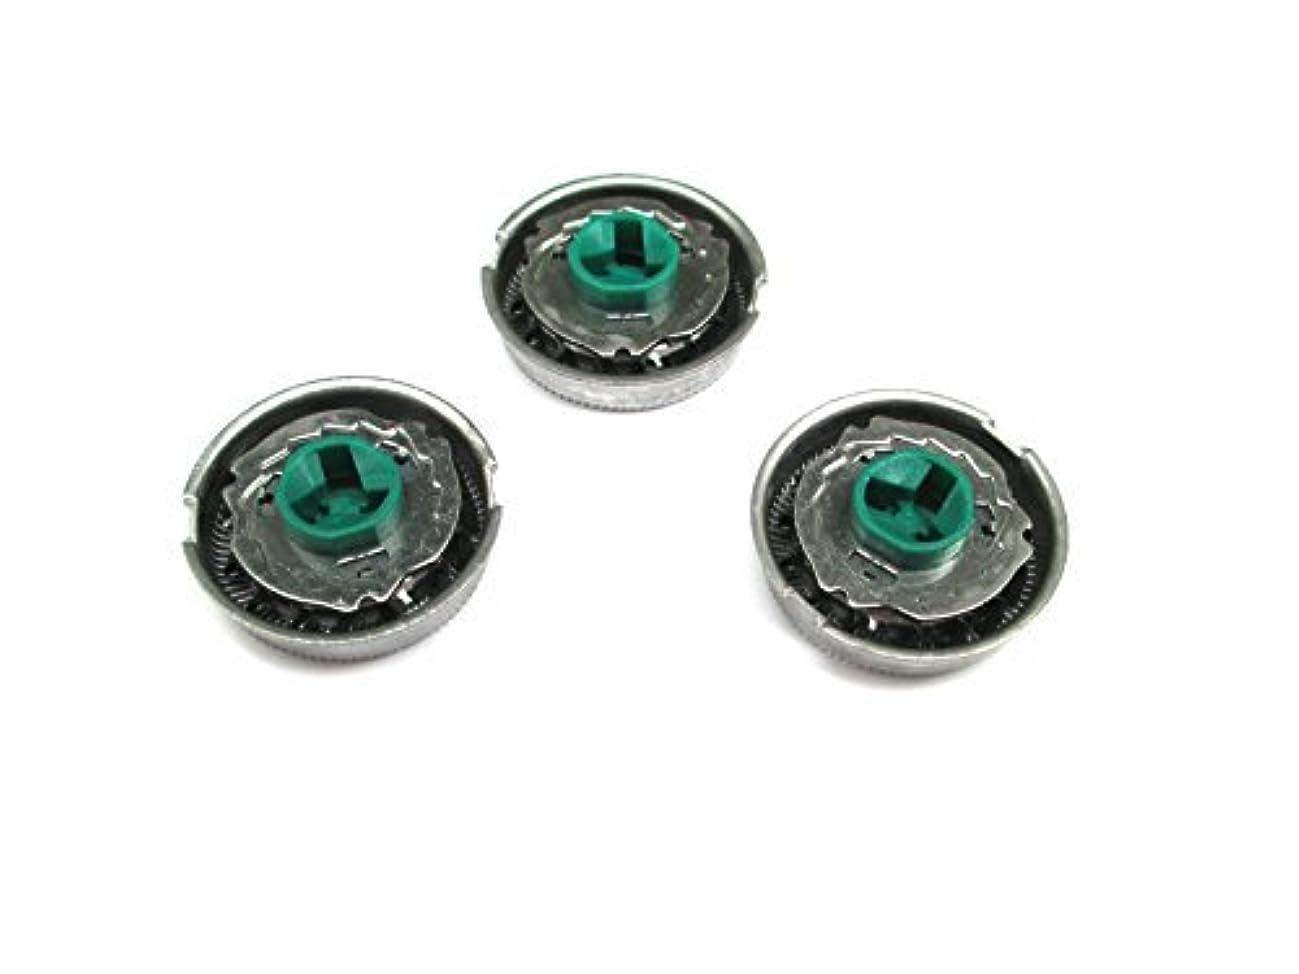 モンスターセットアップゴミSet of 3 Replacement Shaver Heads for Replacing Philips Norelco HQ64 HQ54 HQ5705 HQ6070 HQ6073 7310XL PT710 [並行輸入品]